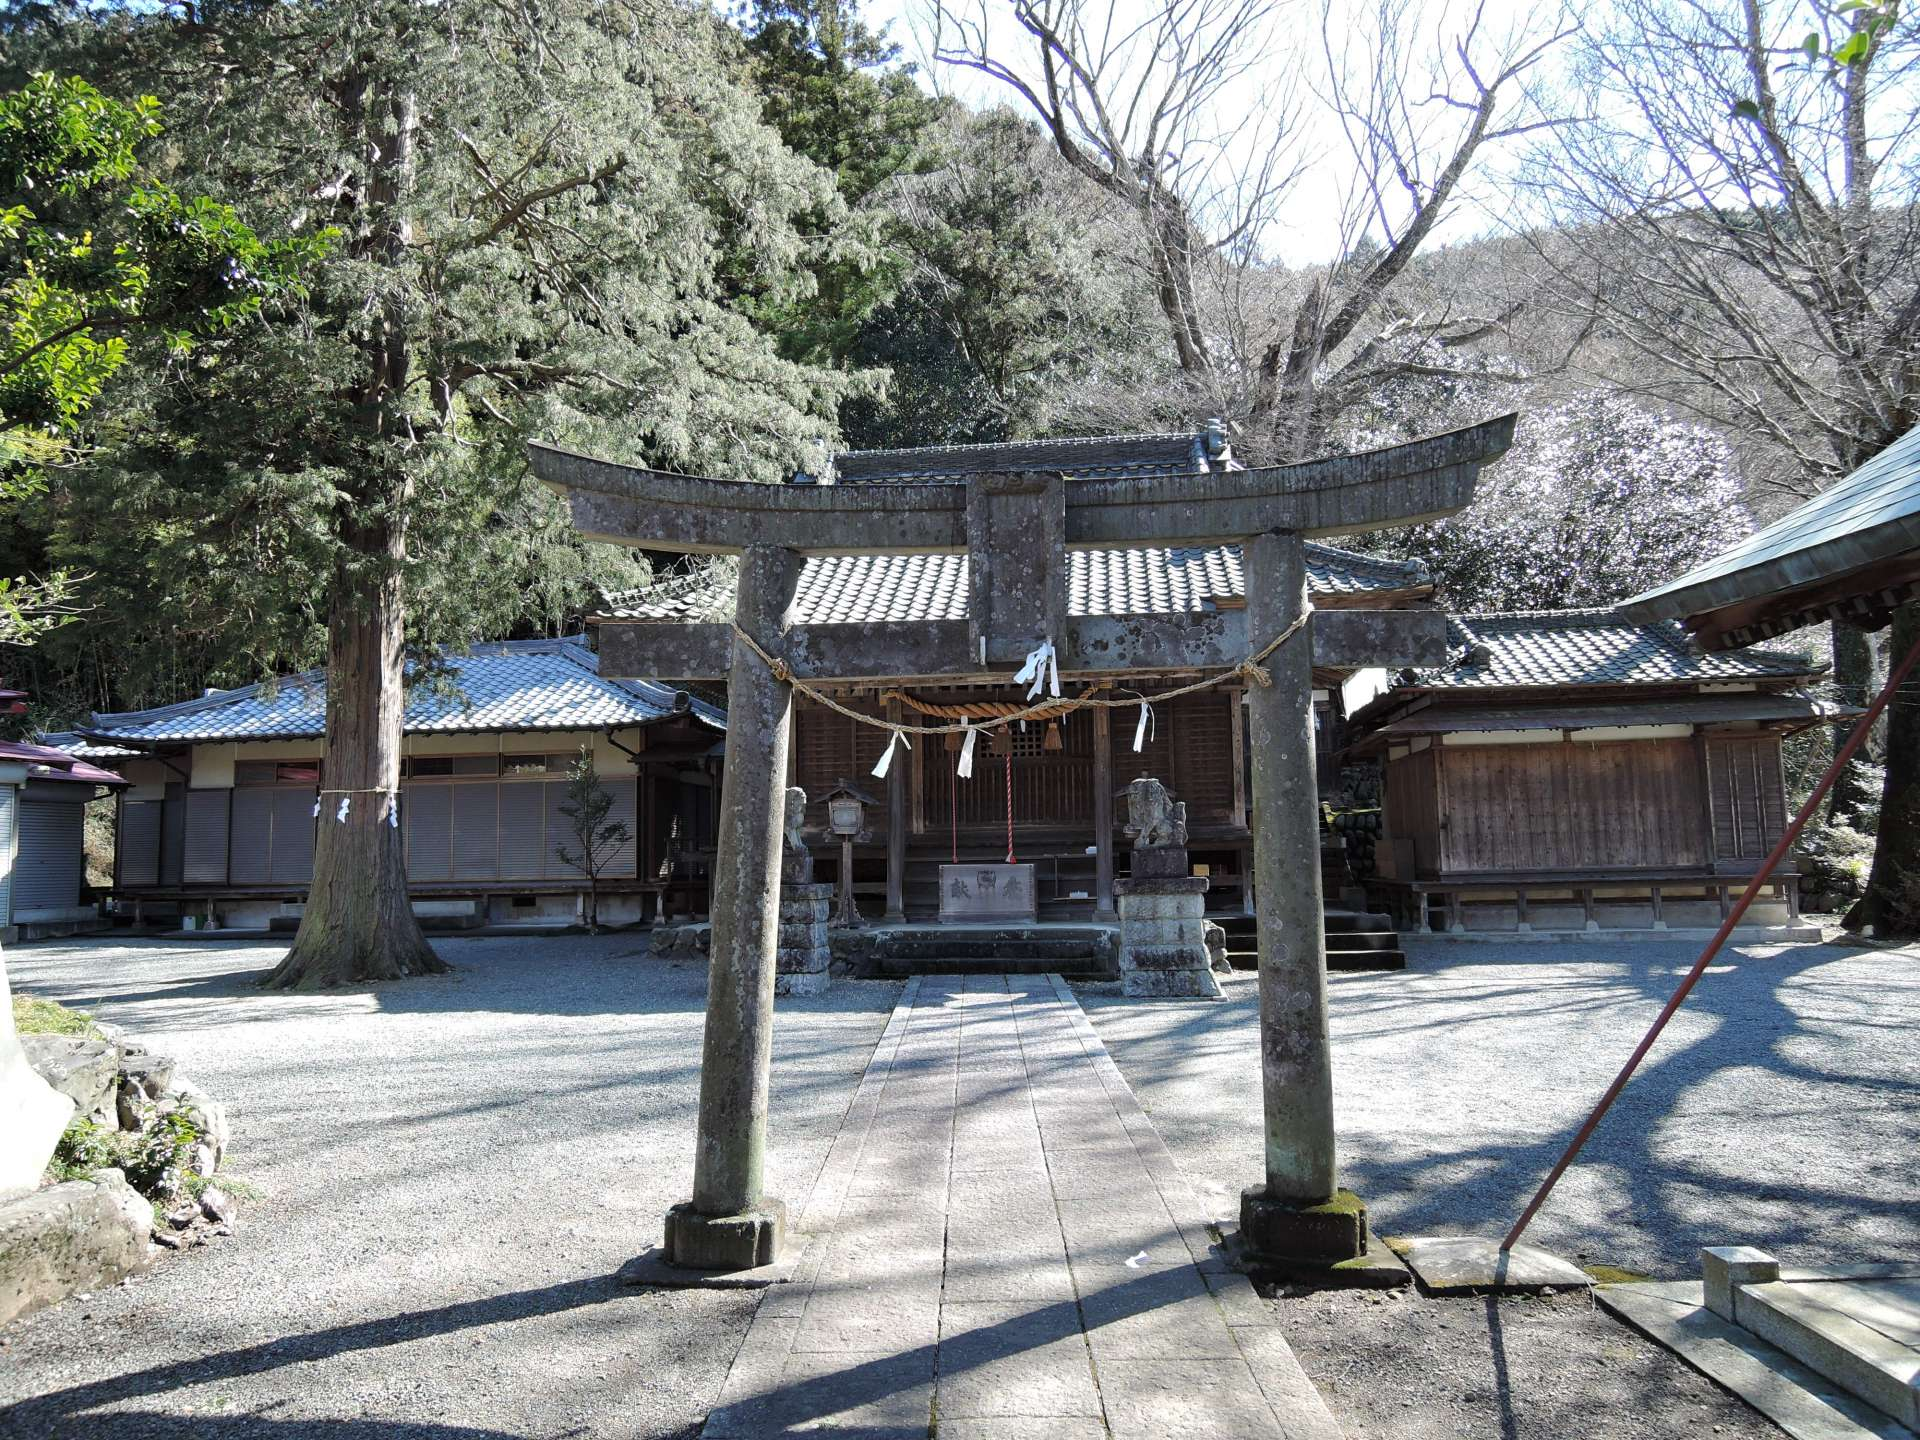 雄伟的神殿和境内庄严肃穆的氛围令人心神宁静。